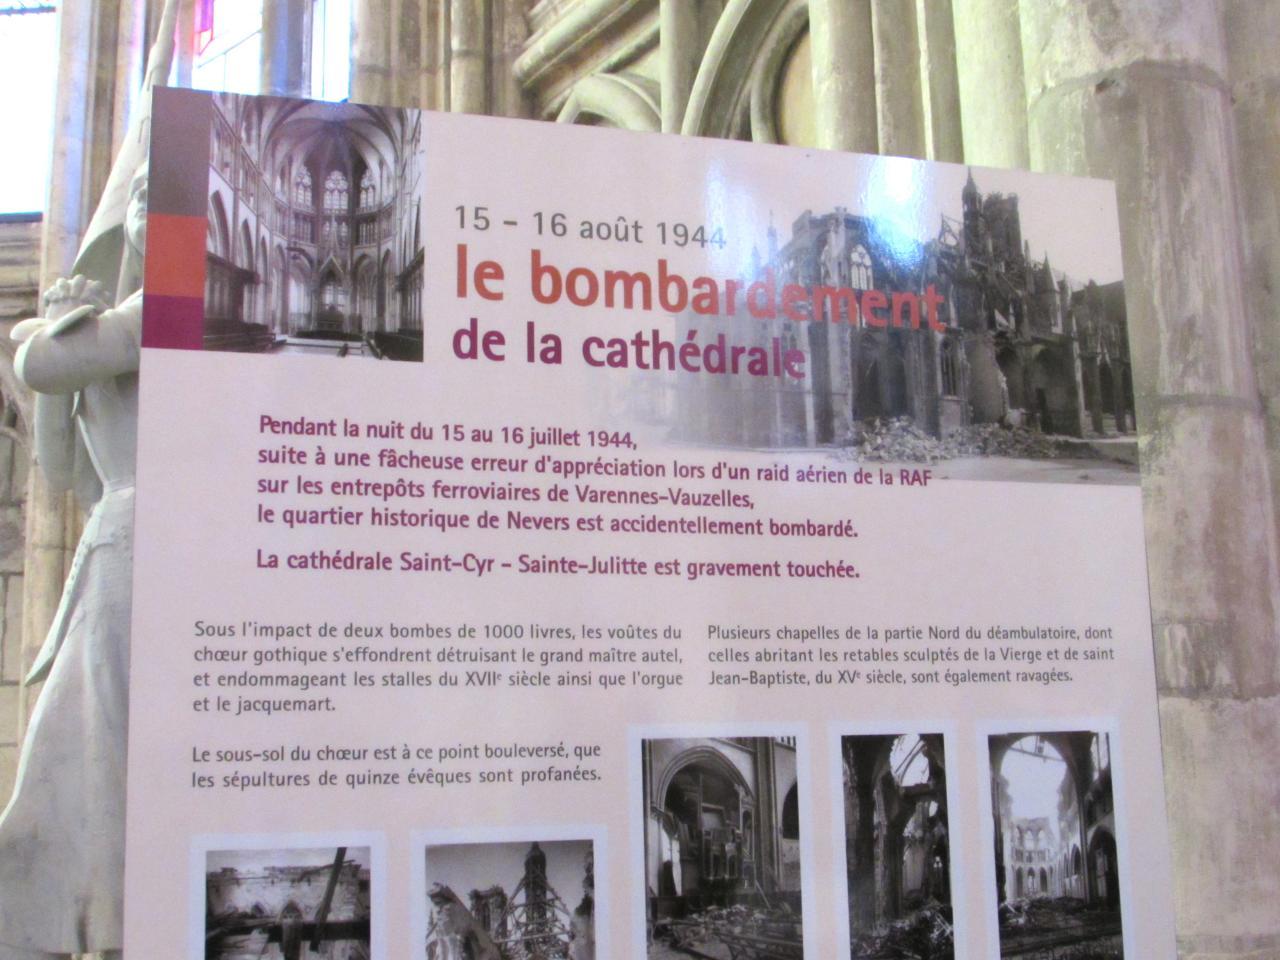 079.Bombardement de la Cathédrale